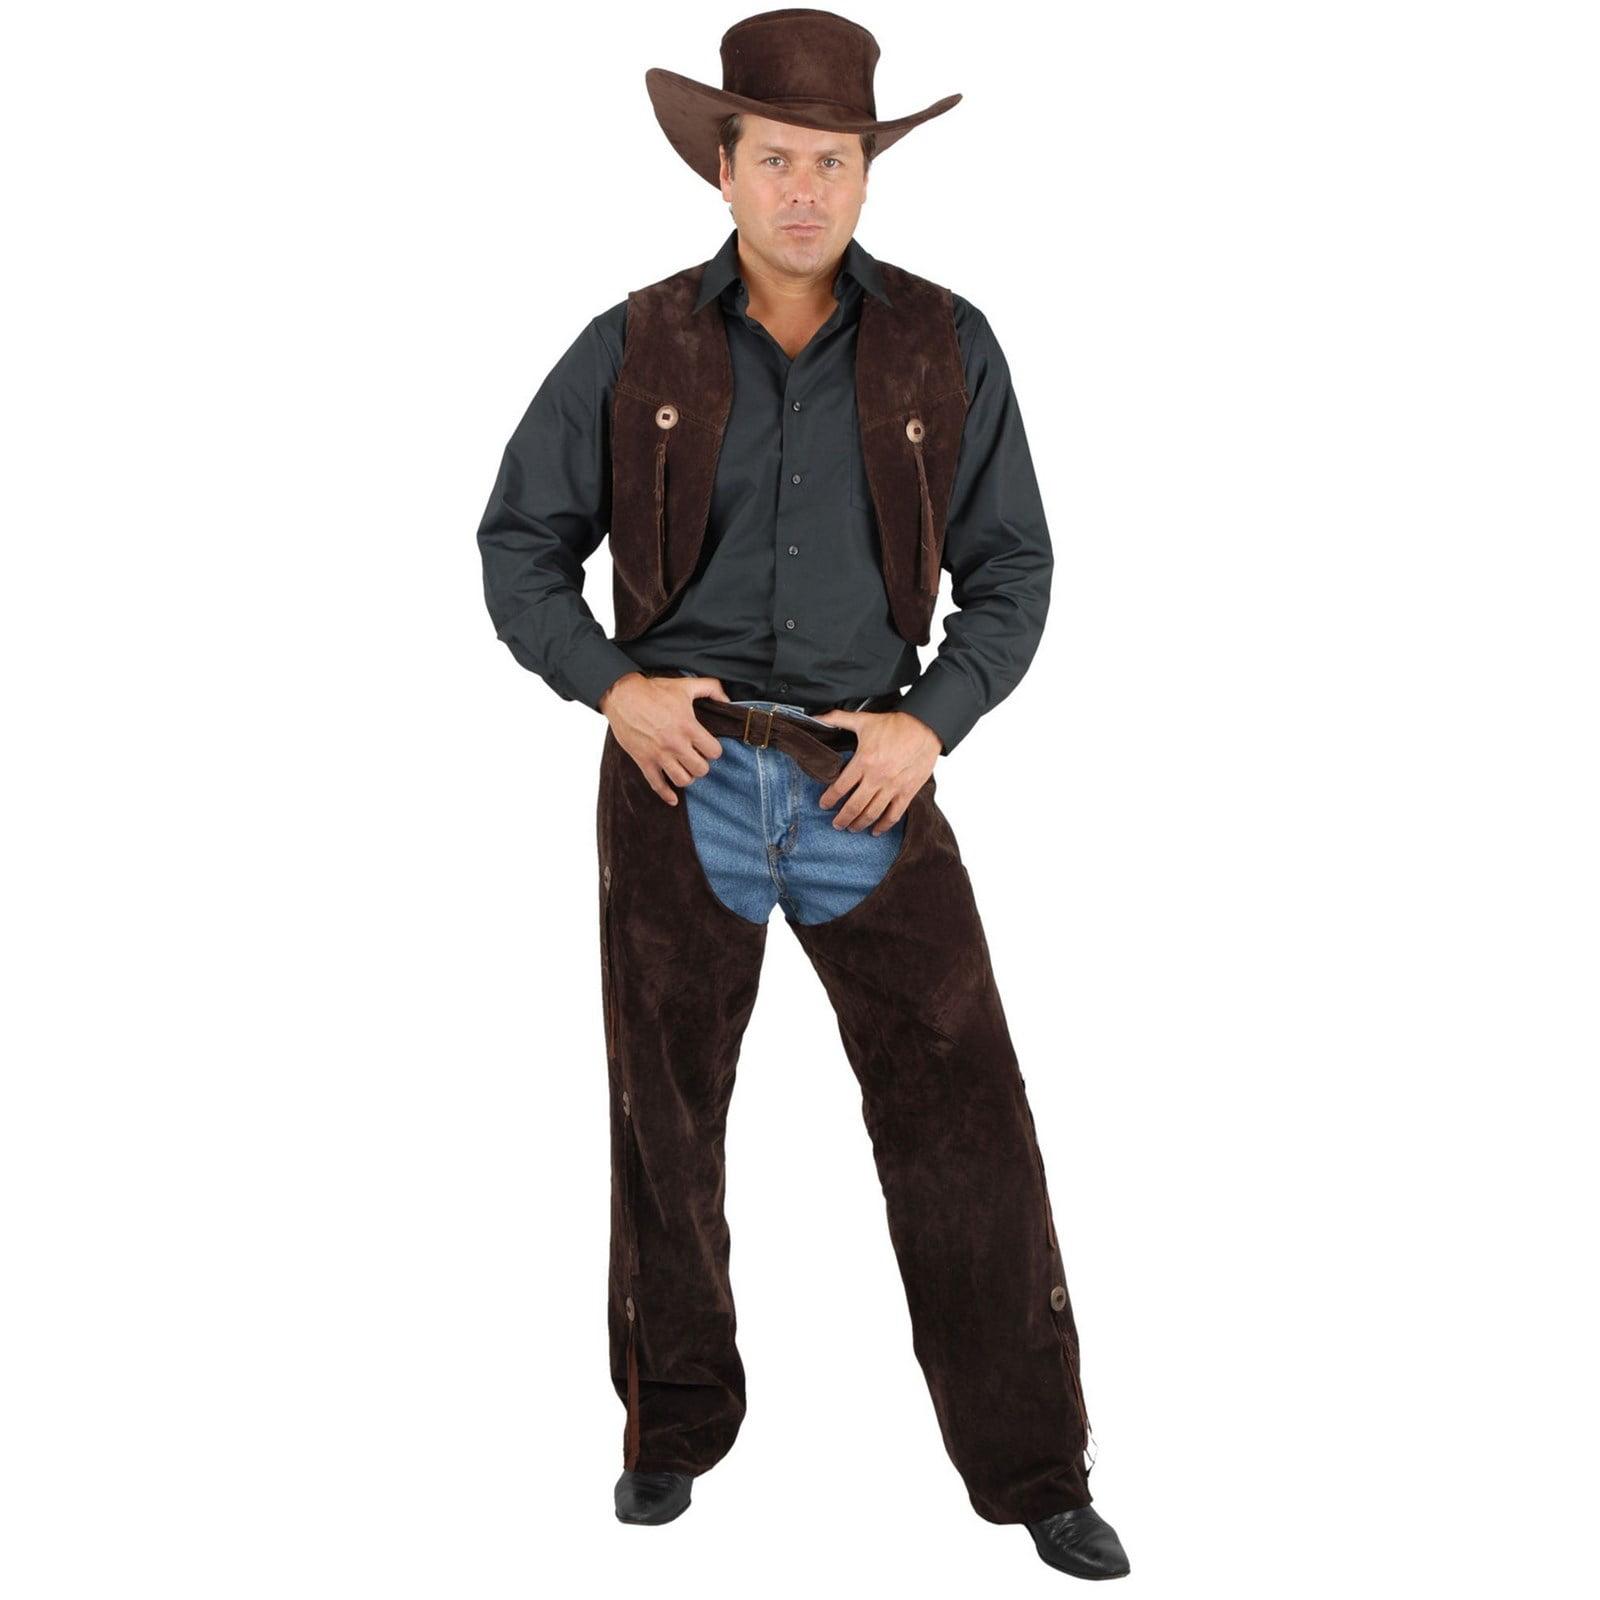 New Cowboy Vest Chaps Set Adult Mens Costume